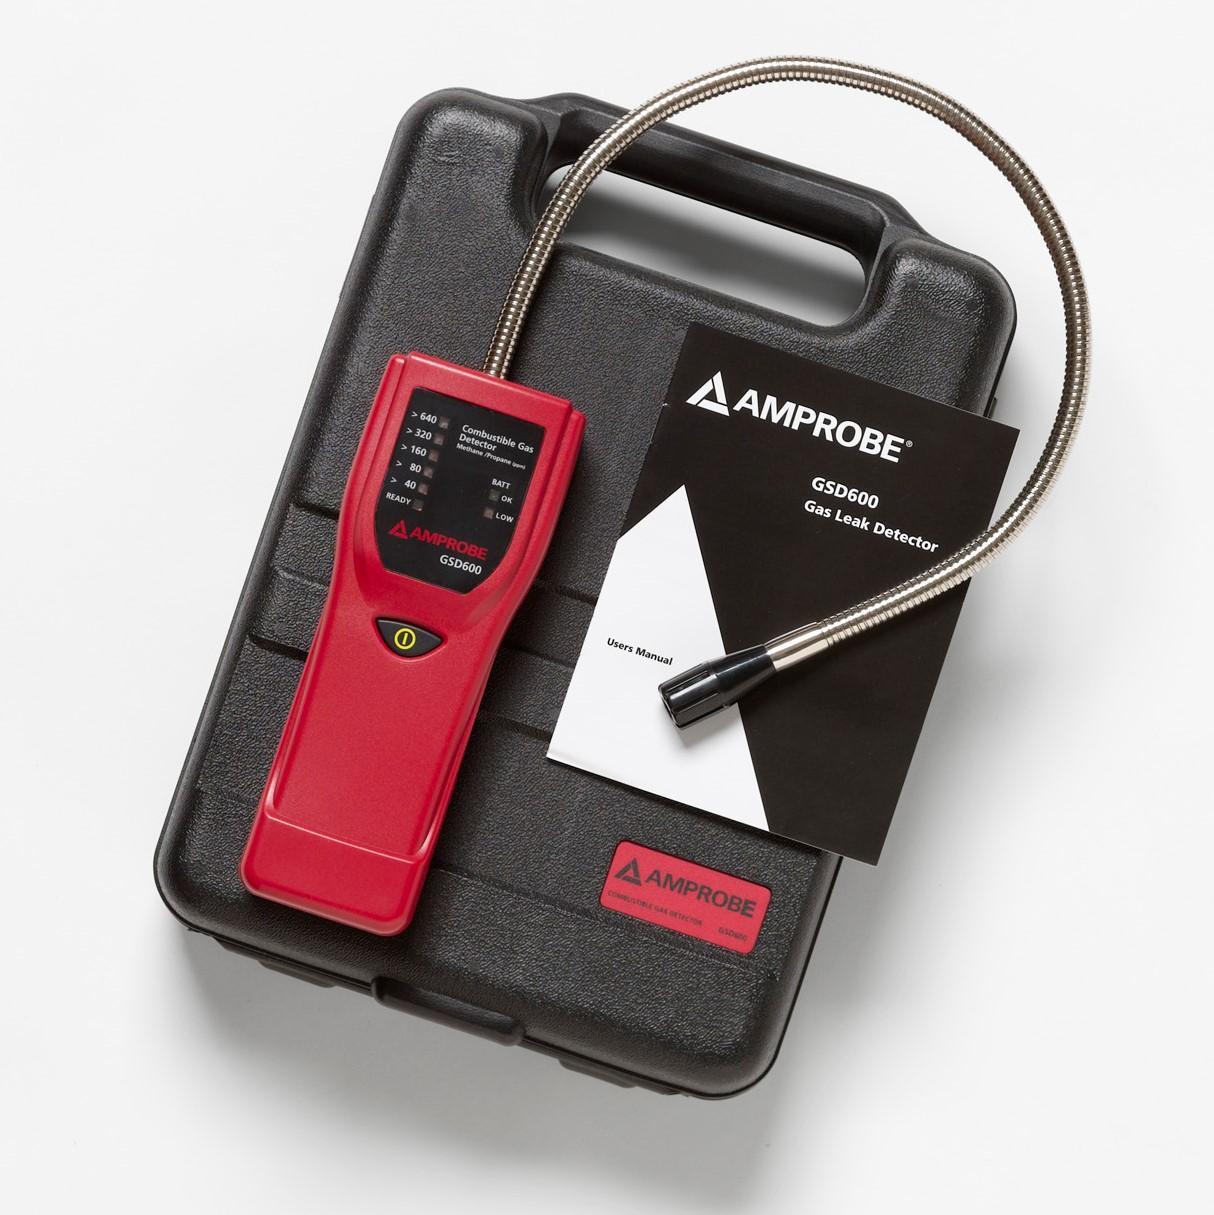 Amprobe GSD600 Gas Leak Detector: Carbon Monoxide Detectors ...